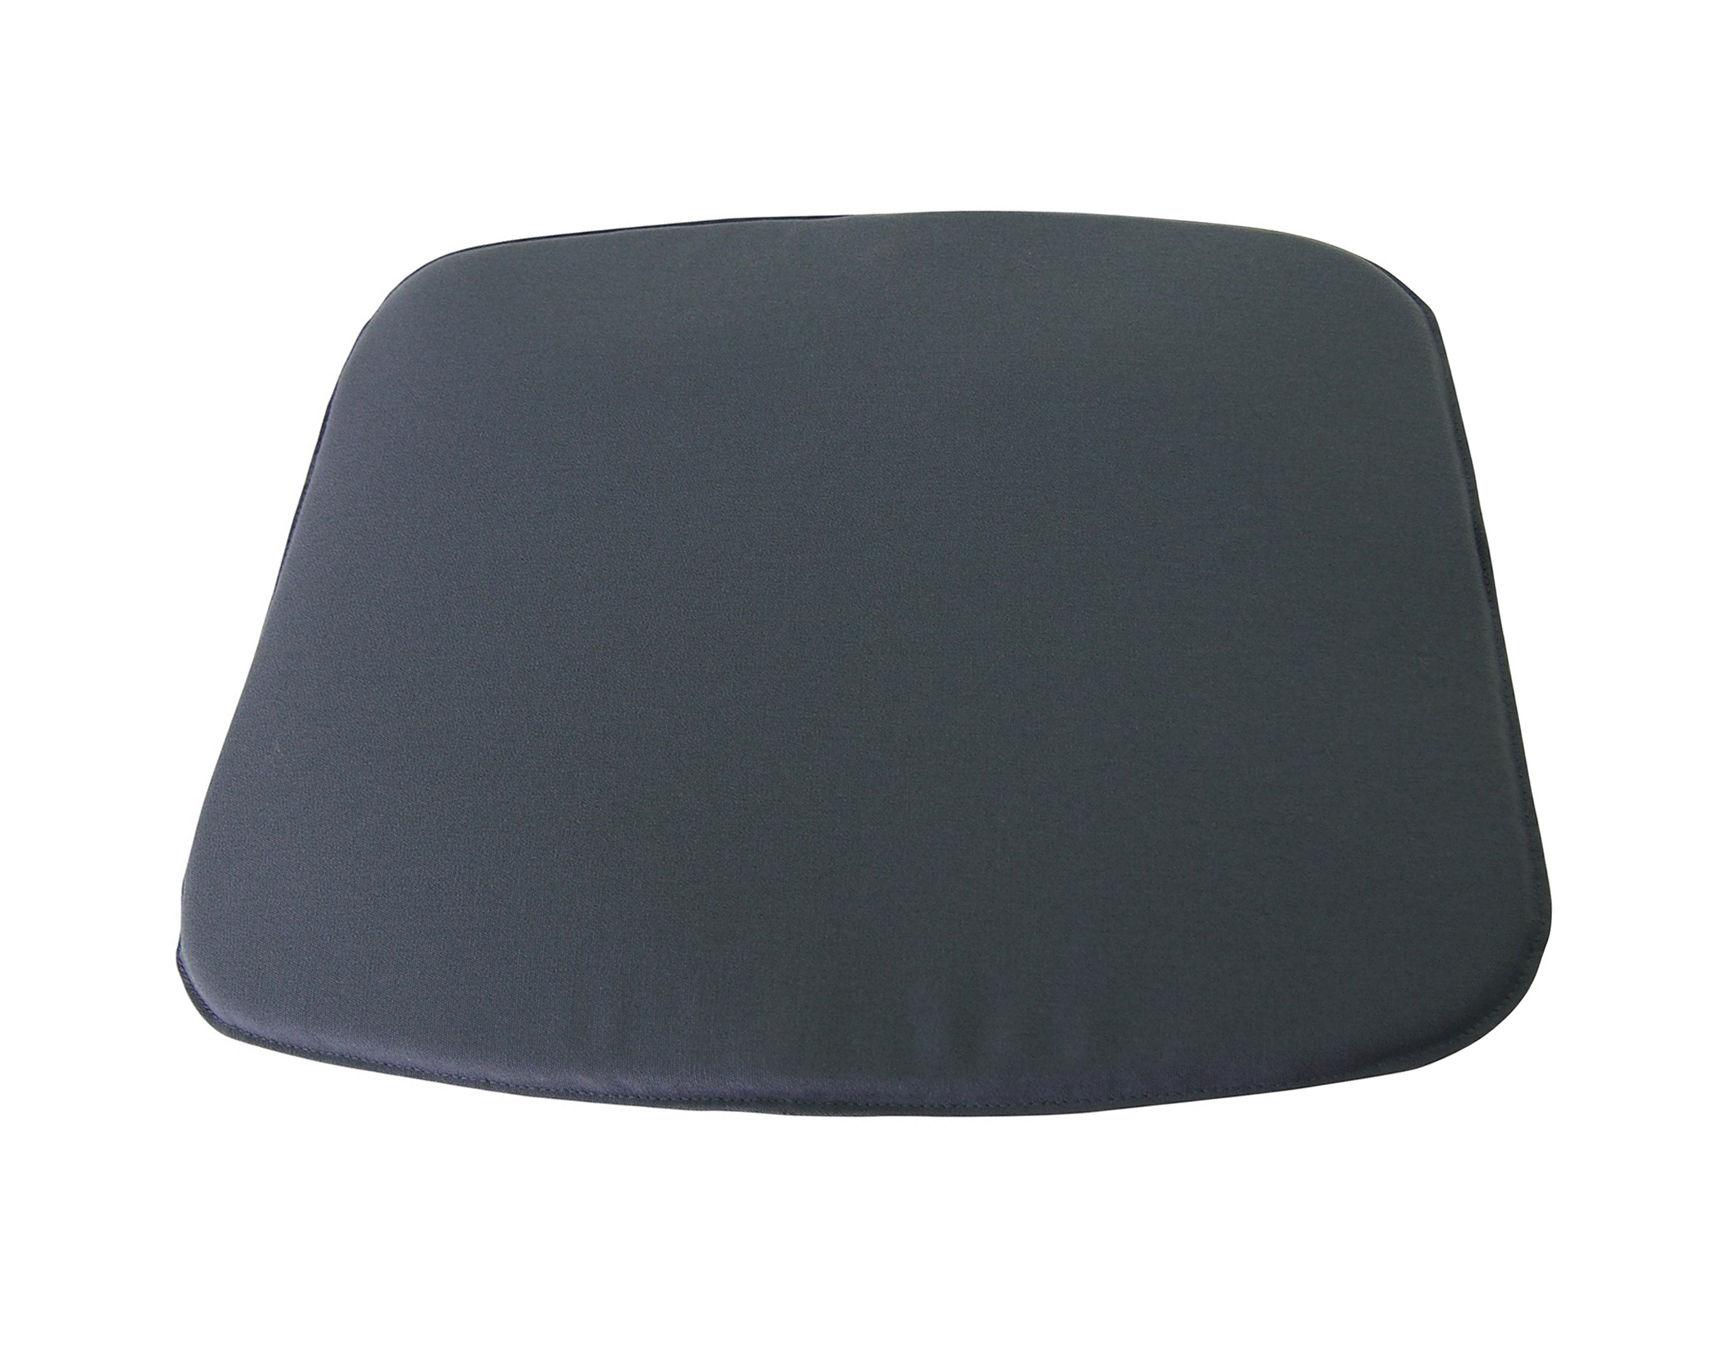 """Dekoration - Kissen - Sitzkissen / für Stühle und Sessel aus der Kollektion """"Darwin"""" - Emu - Grau - Polyacryl-Gewebe, Schaumstoff"""